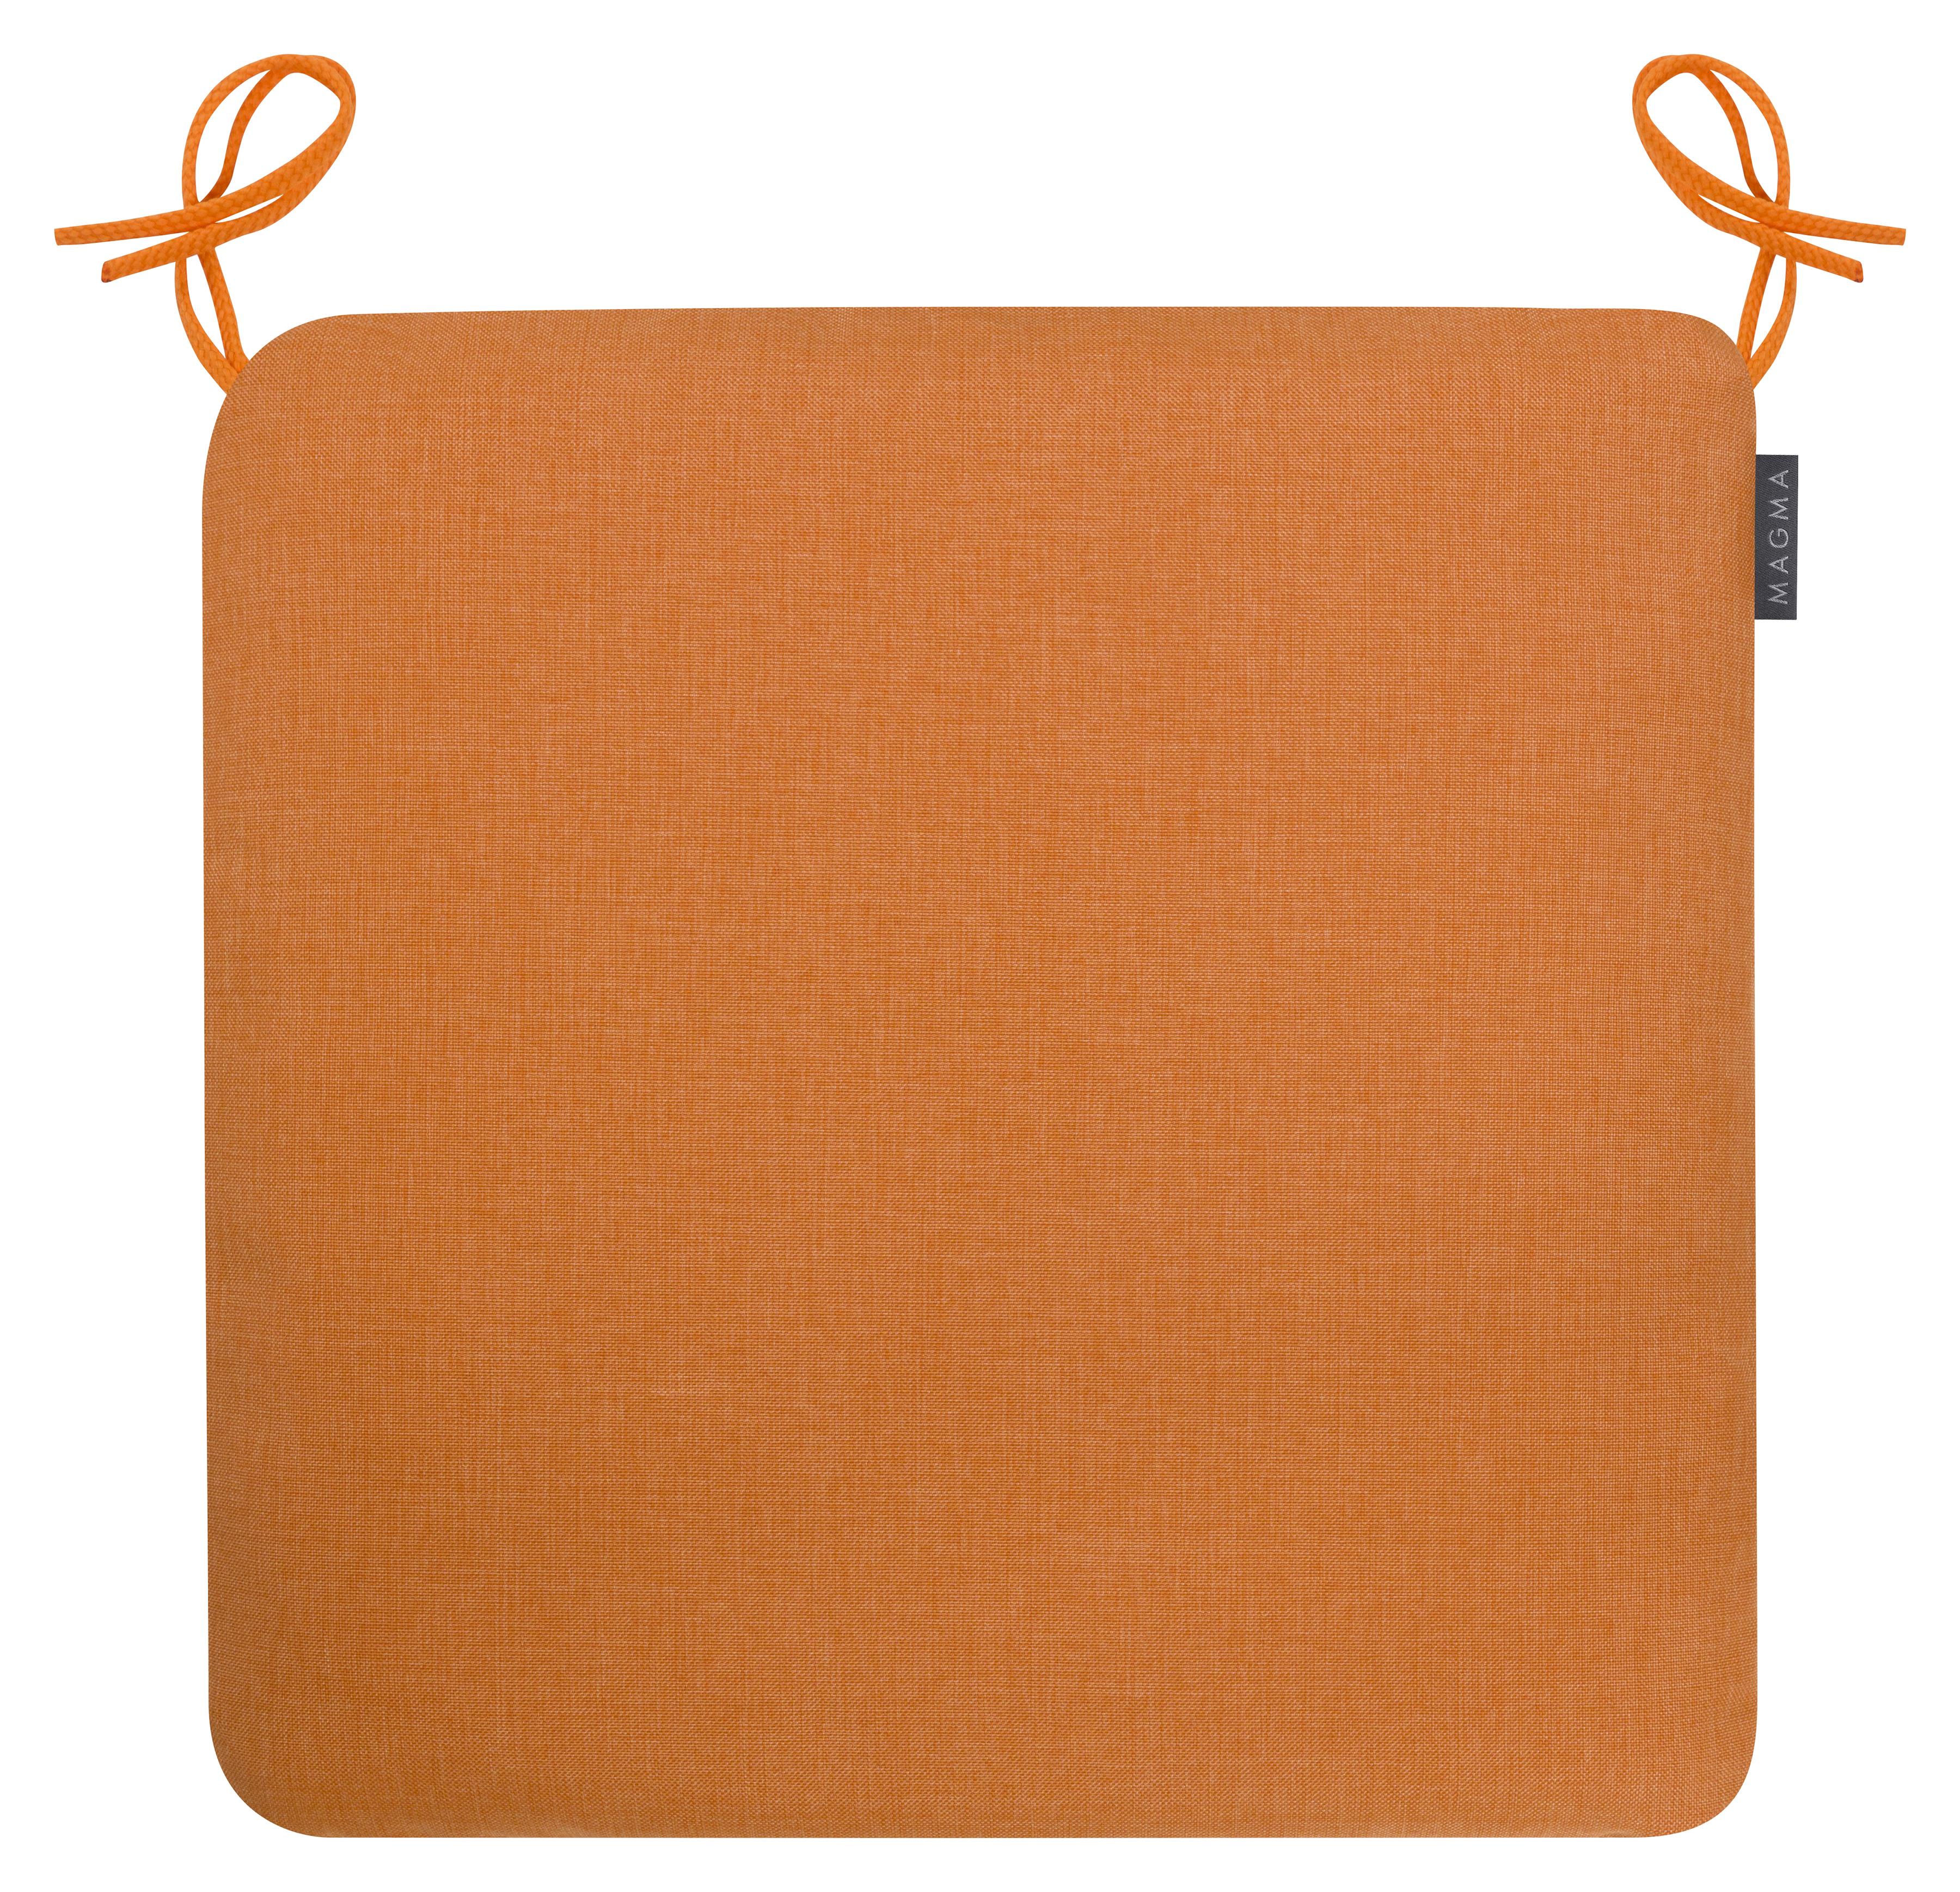 Galettes de chaises confort outdoor à nouer orange - Lot de 4 - 44x44